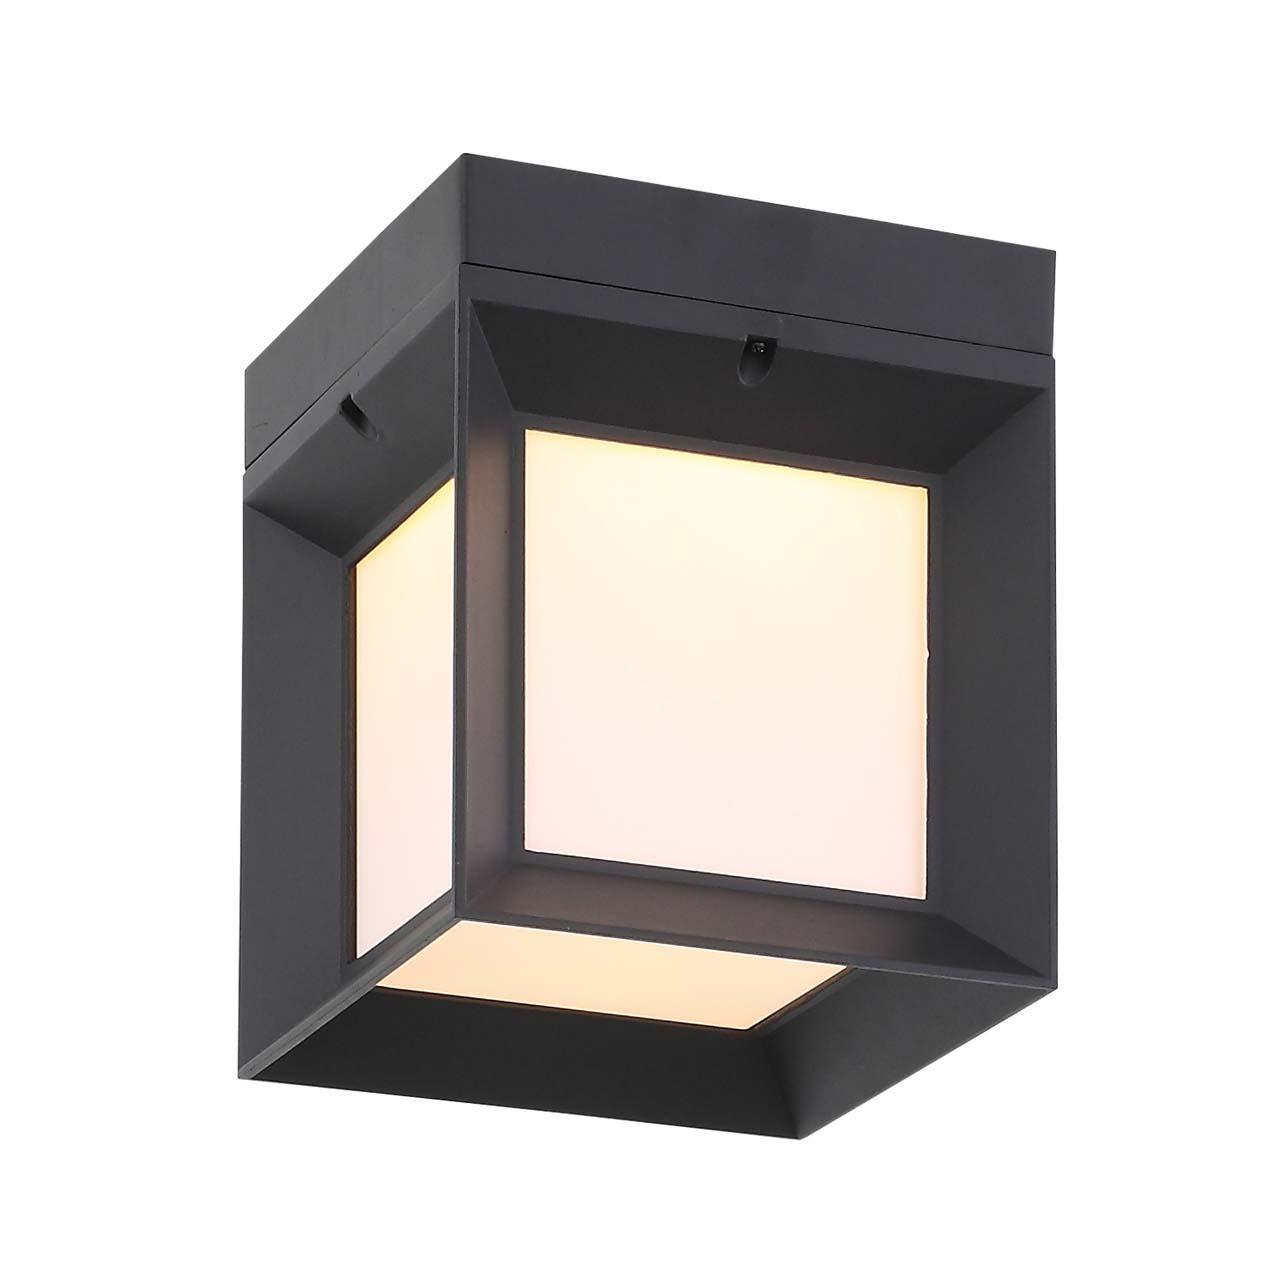 Уличный настенный светодиодный светильник Cubista черного цвета